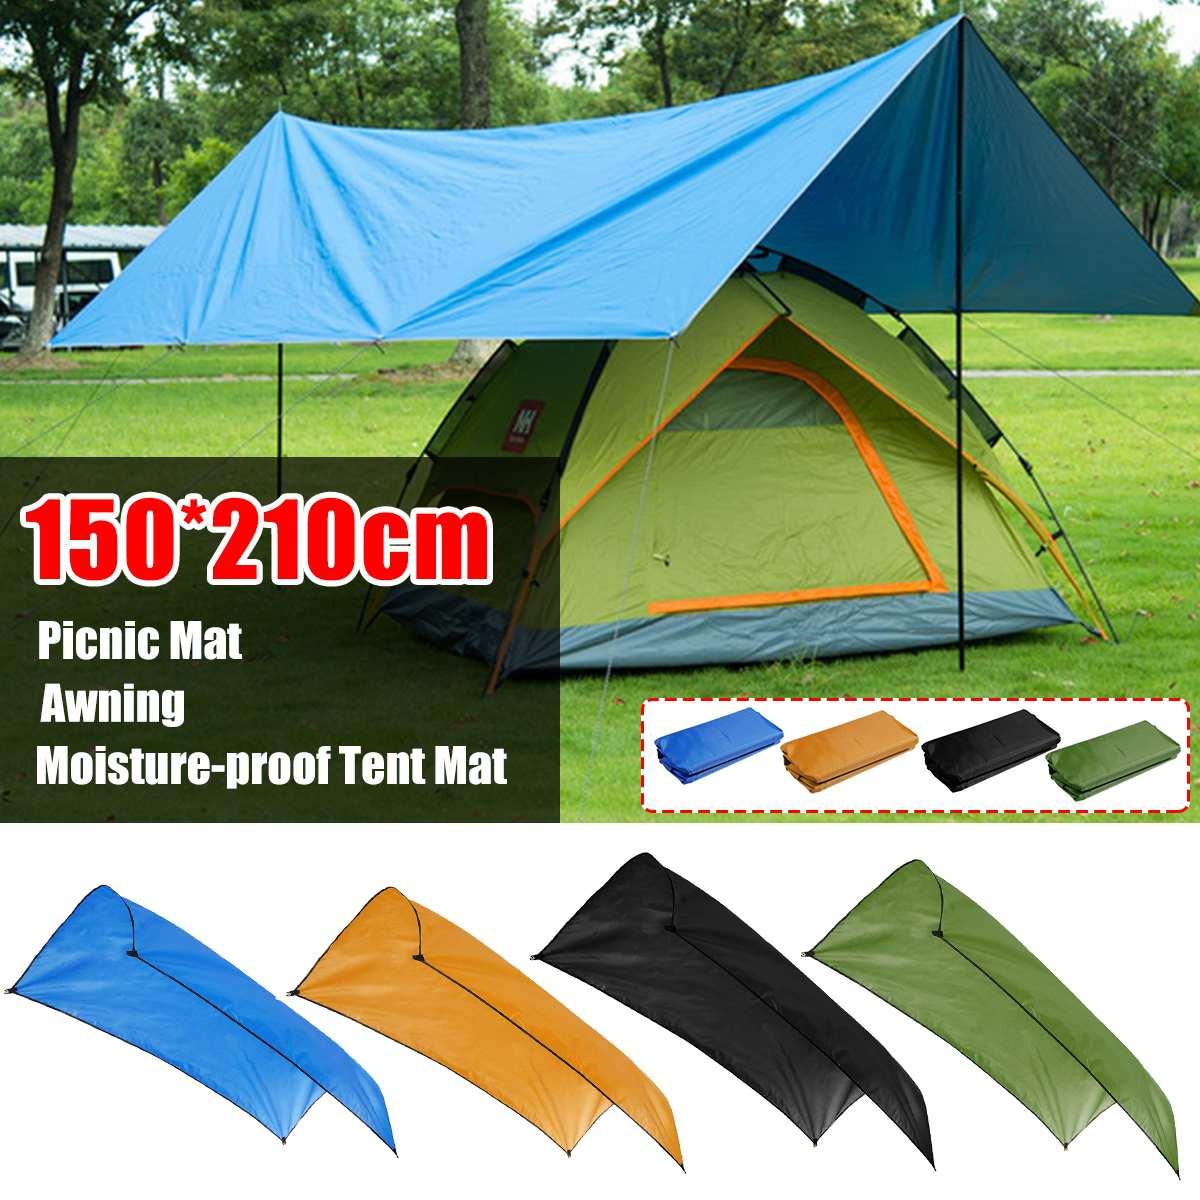 150x210cm 210d waterproof tarp camping climbing outdoor tent patio beach sun shade awning canopy garden tent shade moistureproof